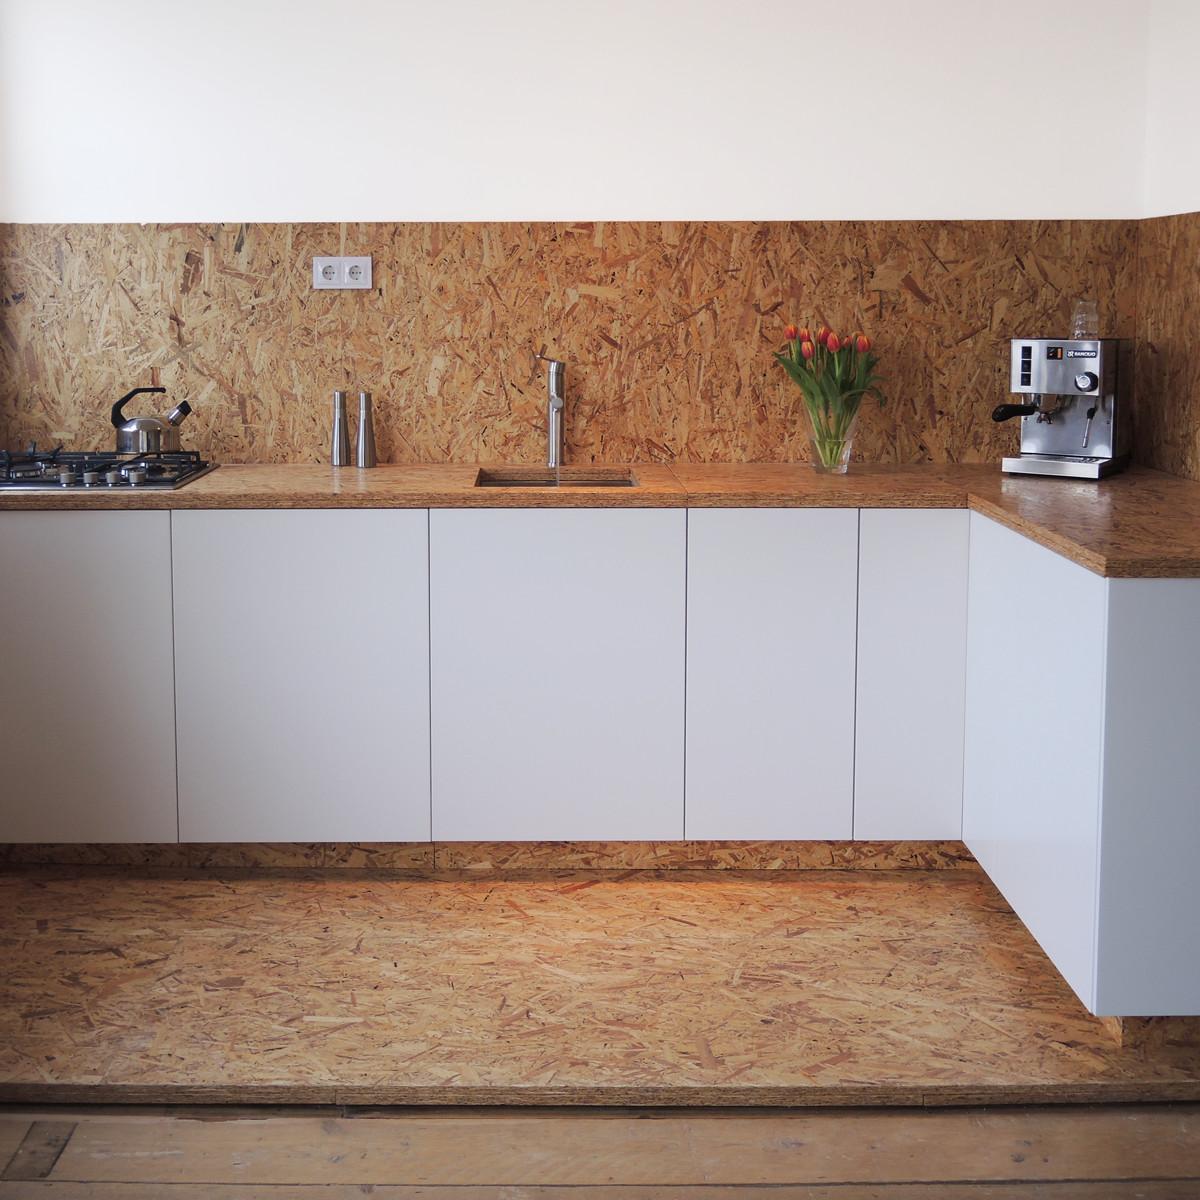 keuken studiomerz. Black Bedroom Furniture Sets. Home Design Ideas